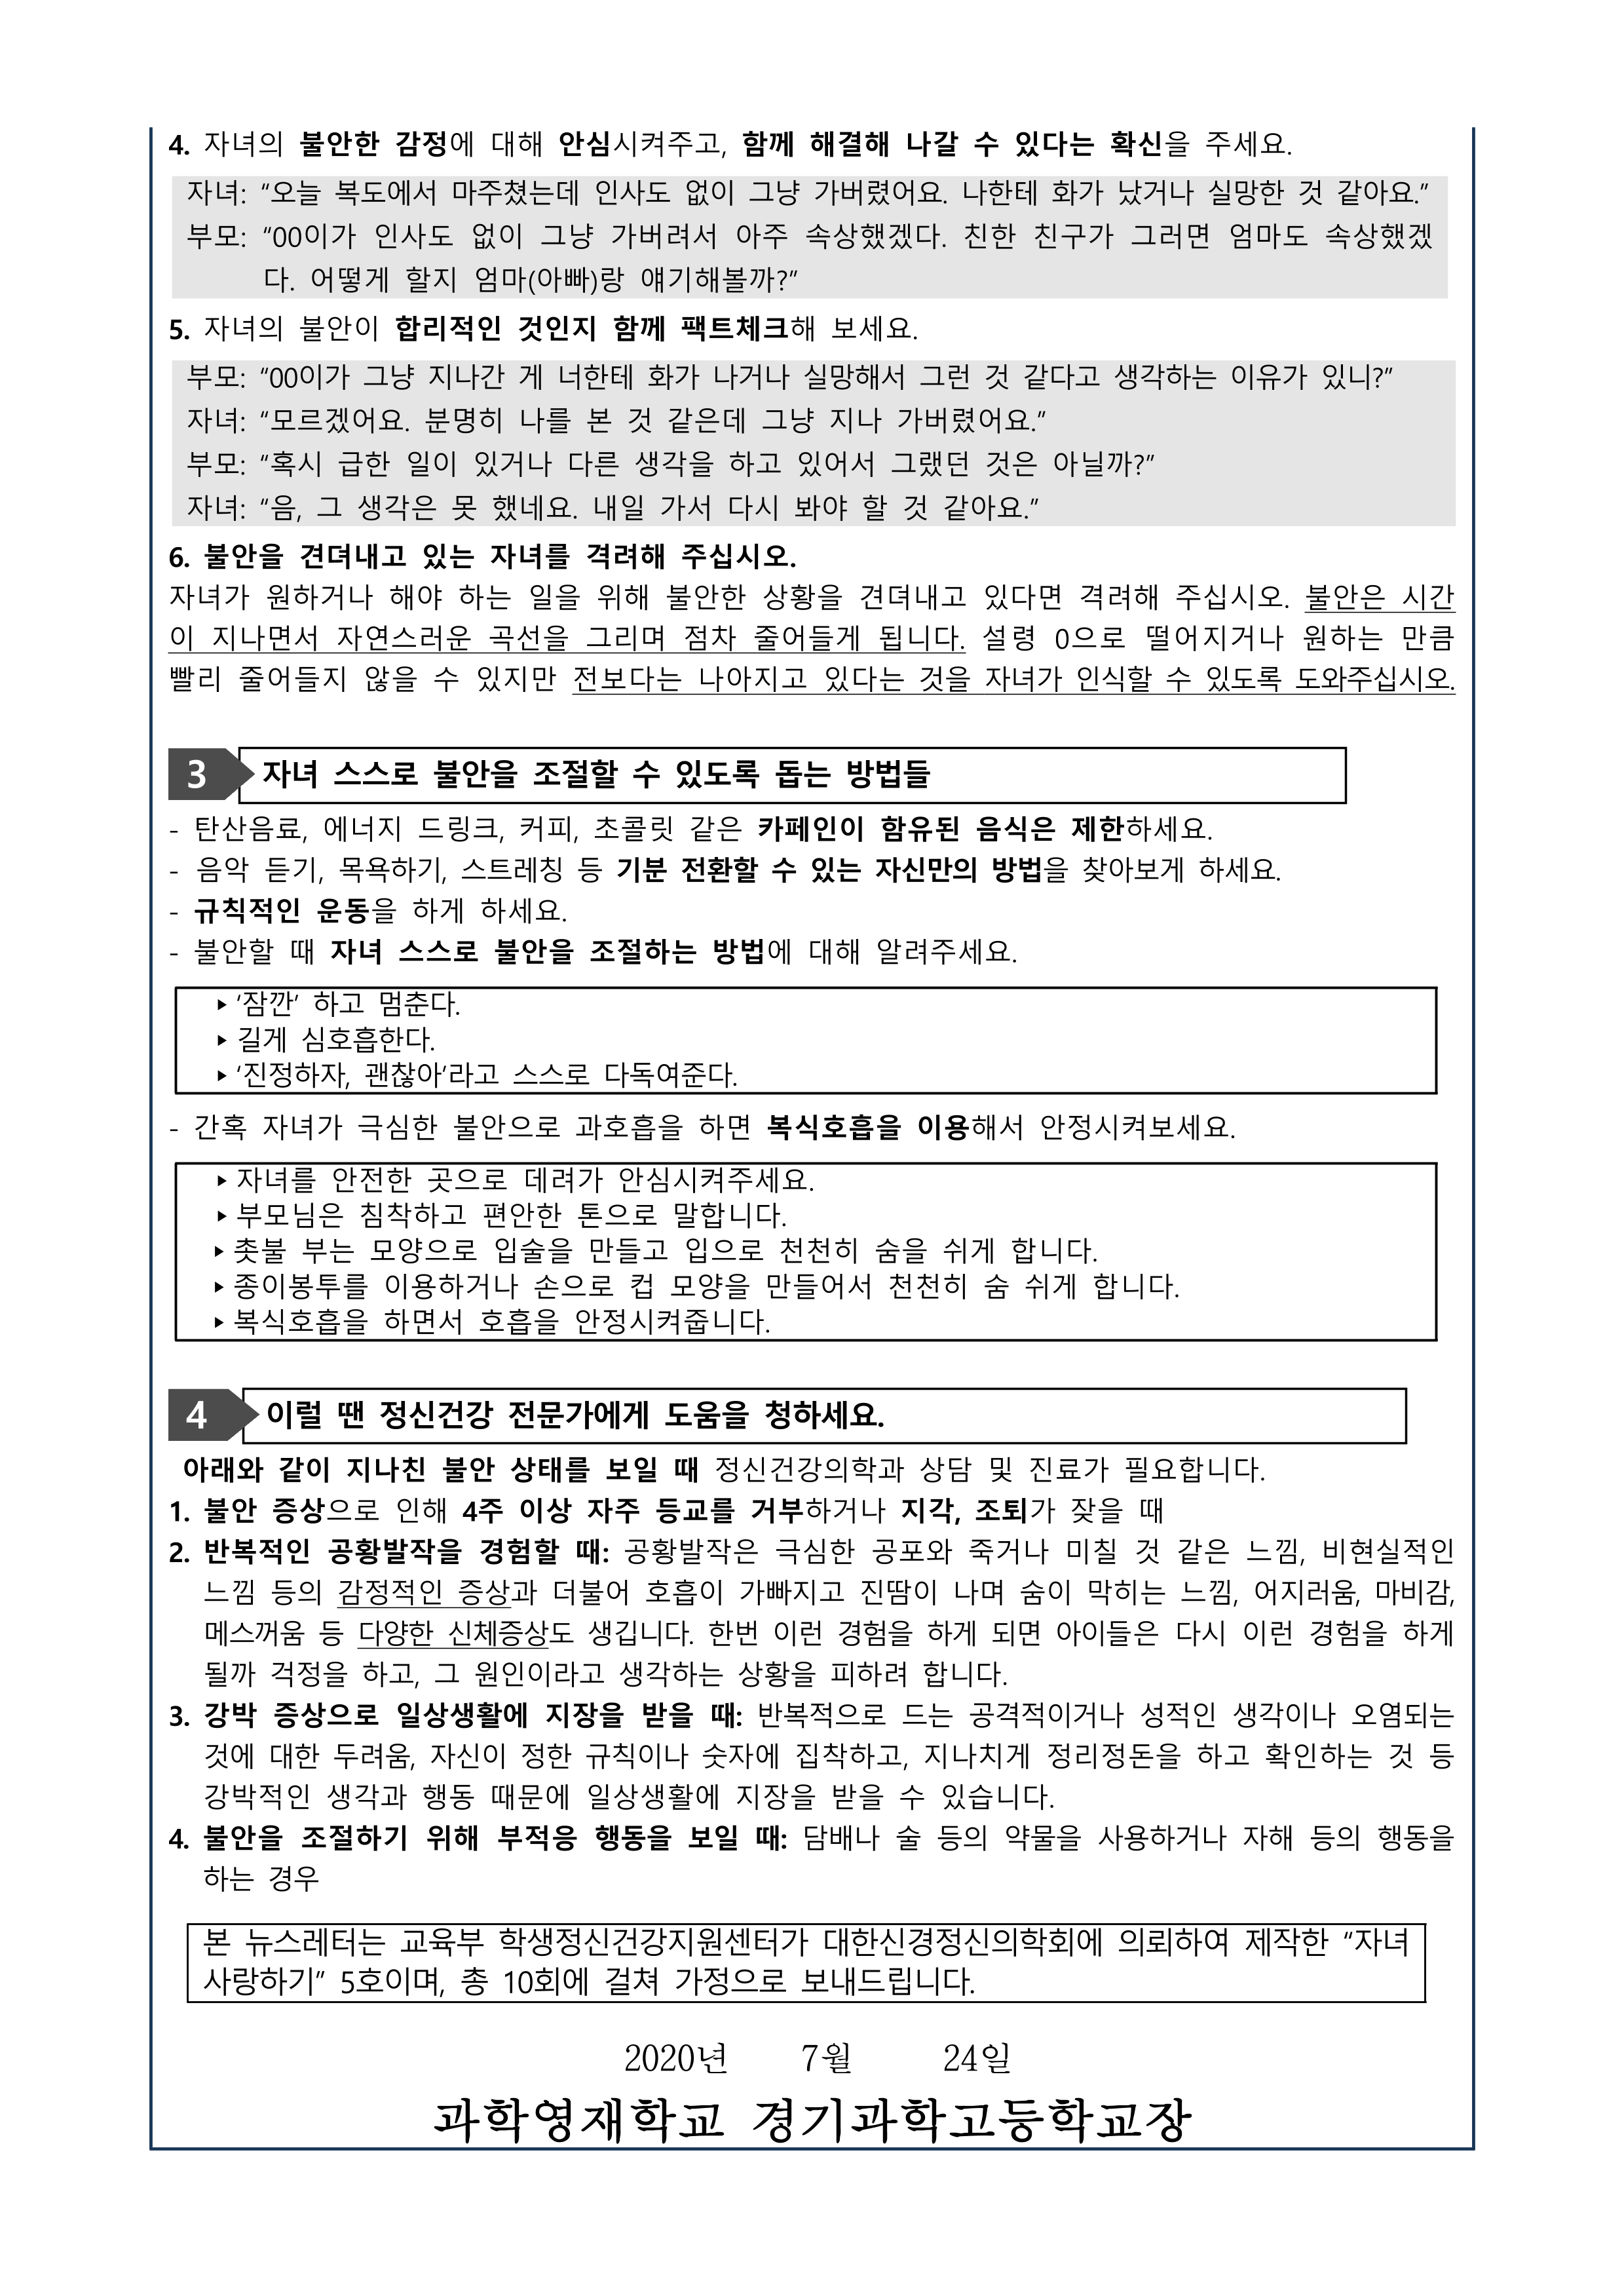 뉴스레터 자녀사랑하기 제2020-5호 가정통신문 2Page.